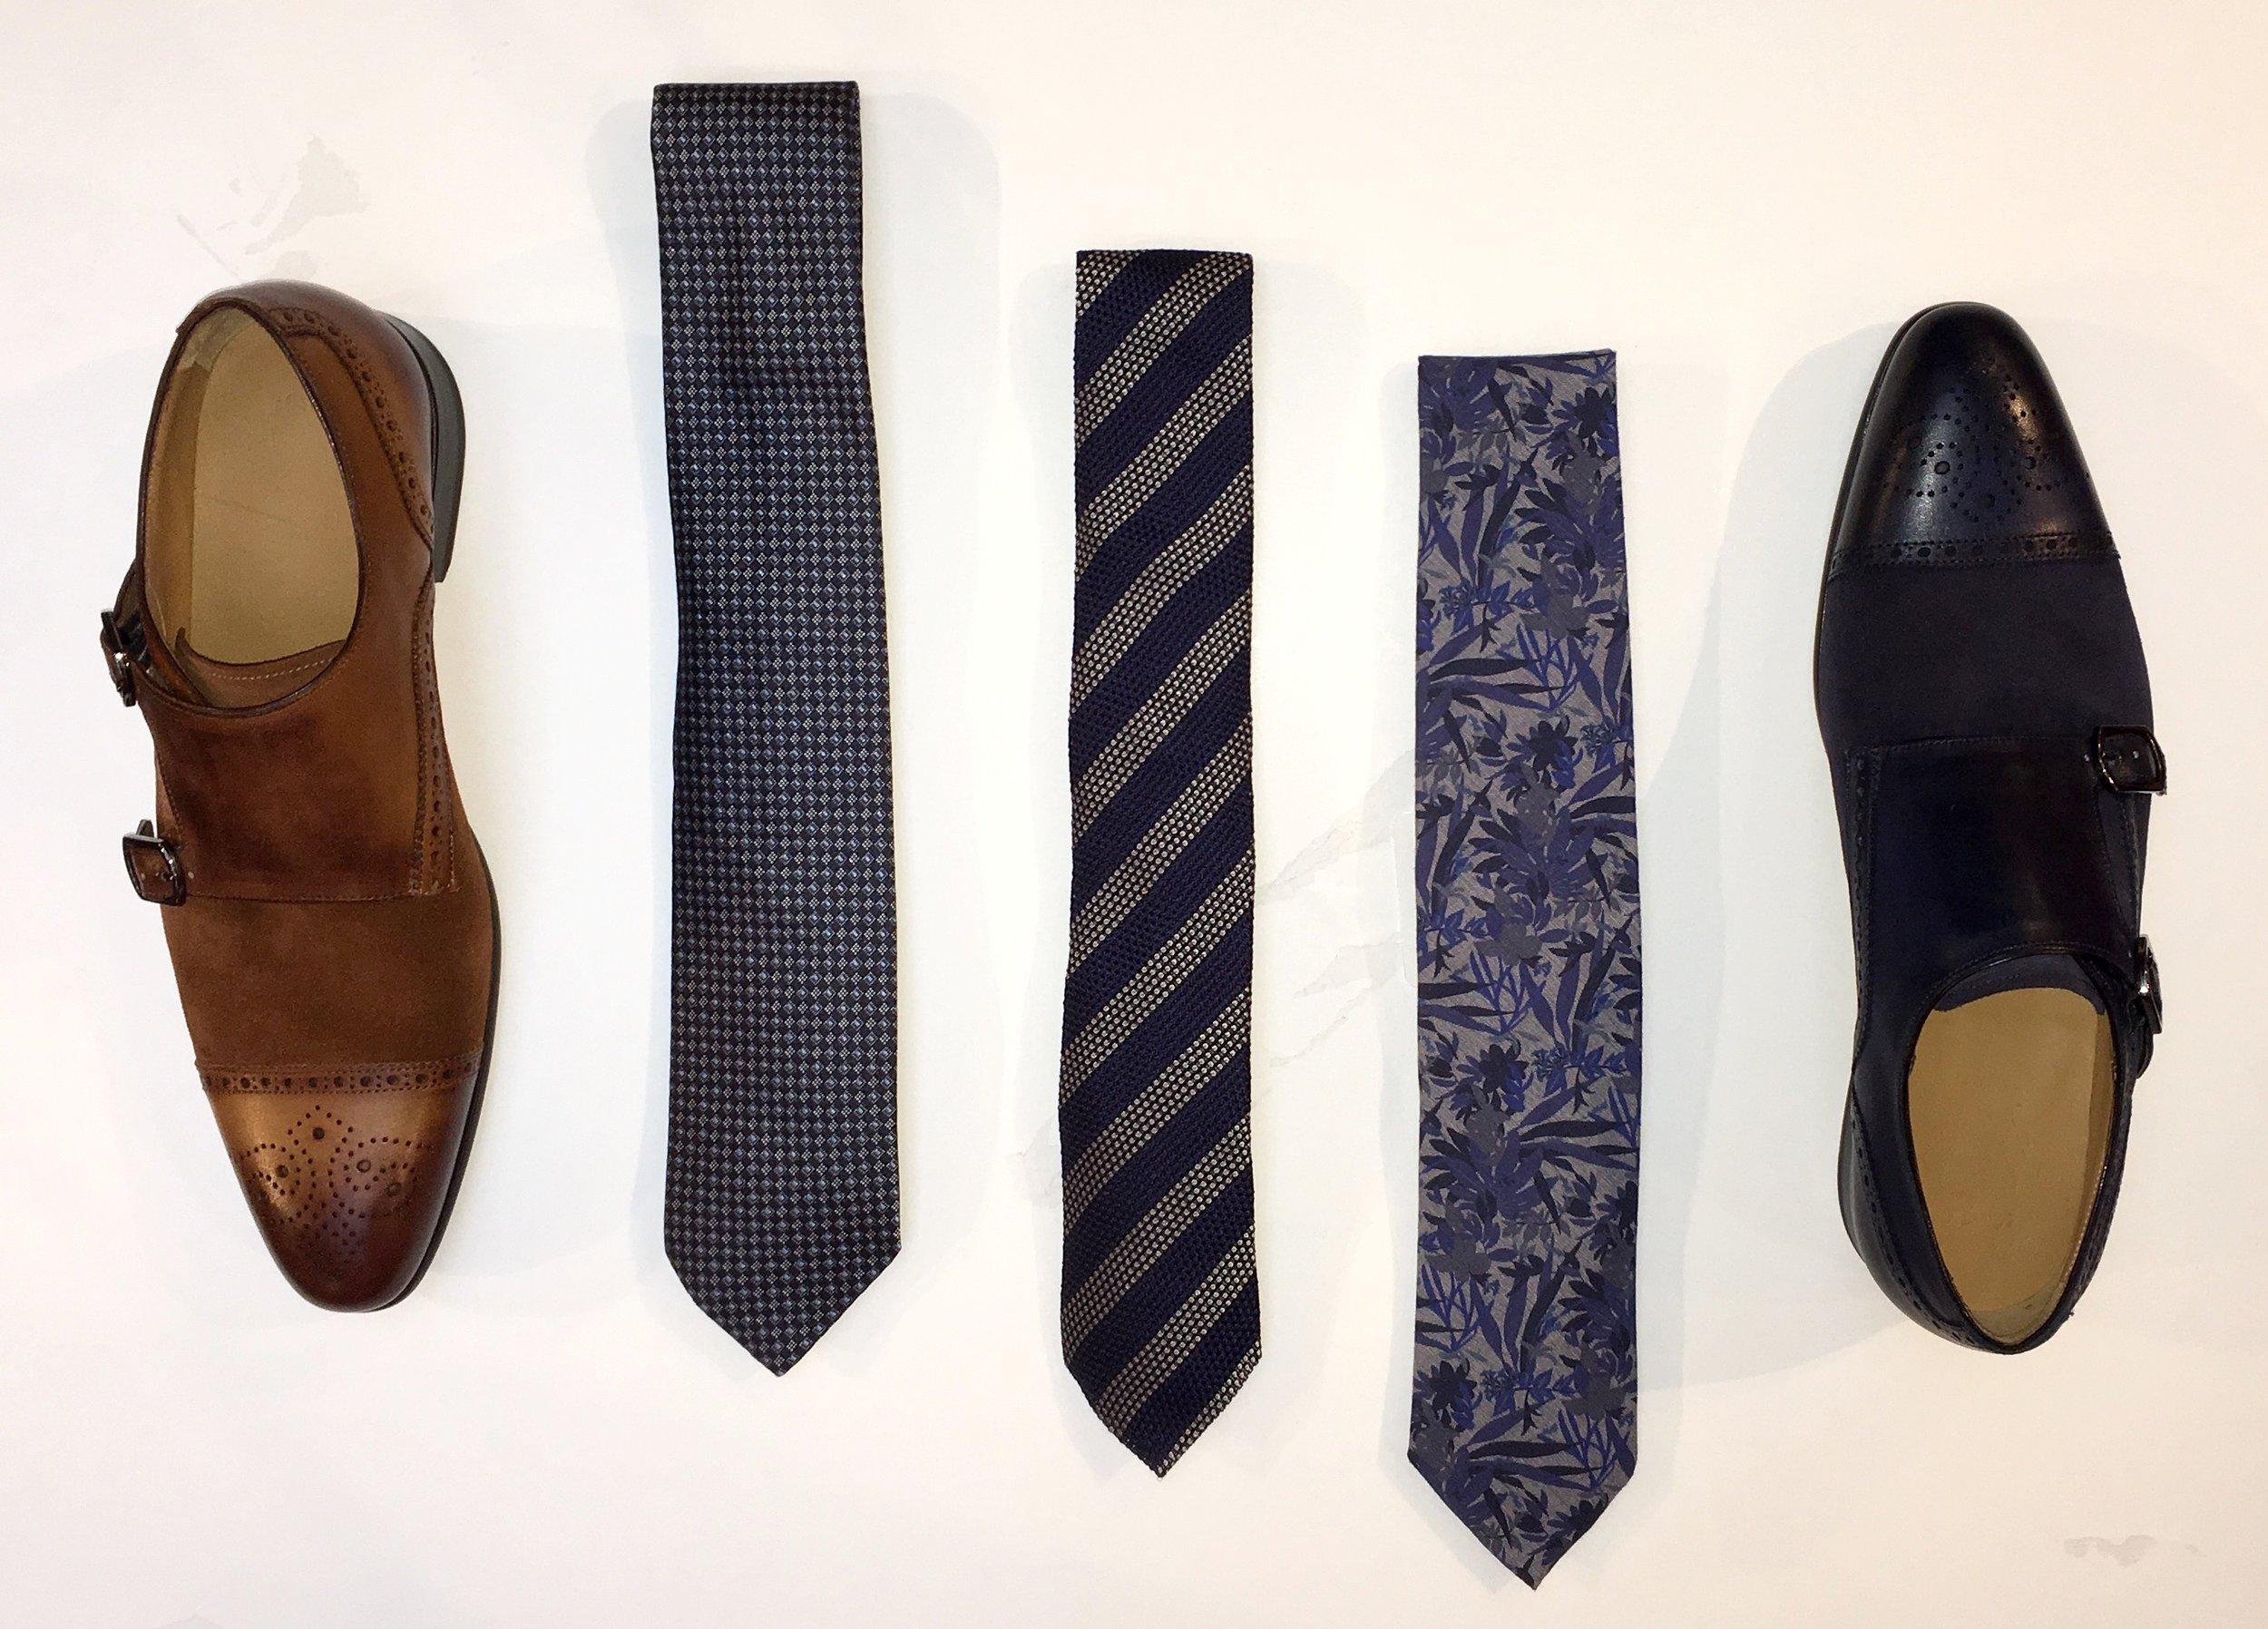 Van Gils Suede Monk Strap Shoes $496 Assorted Ties $95- $150